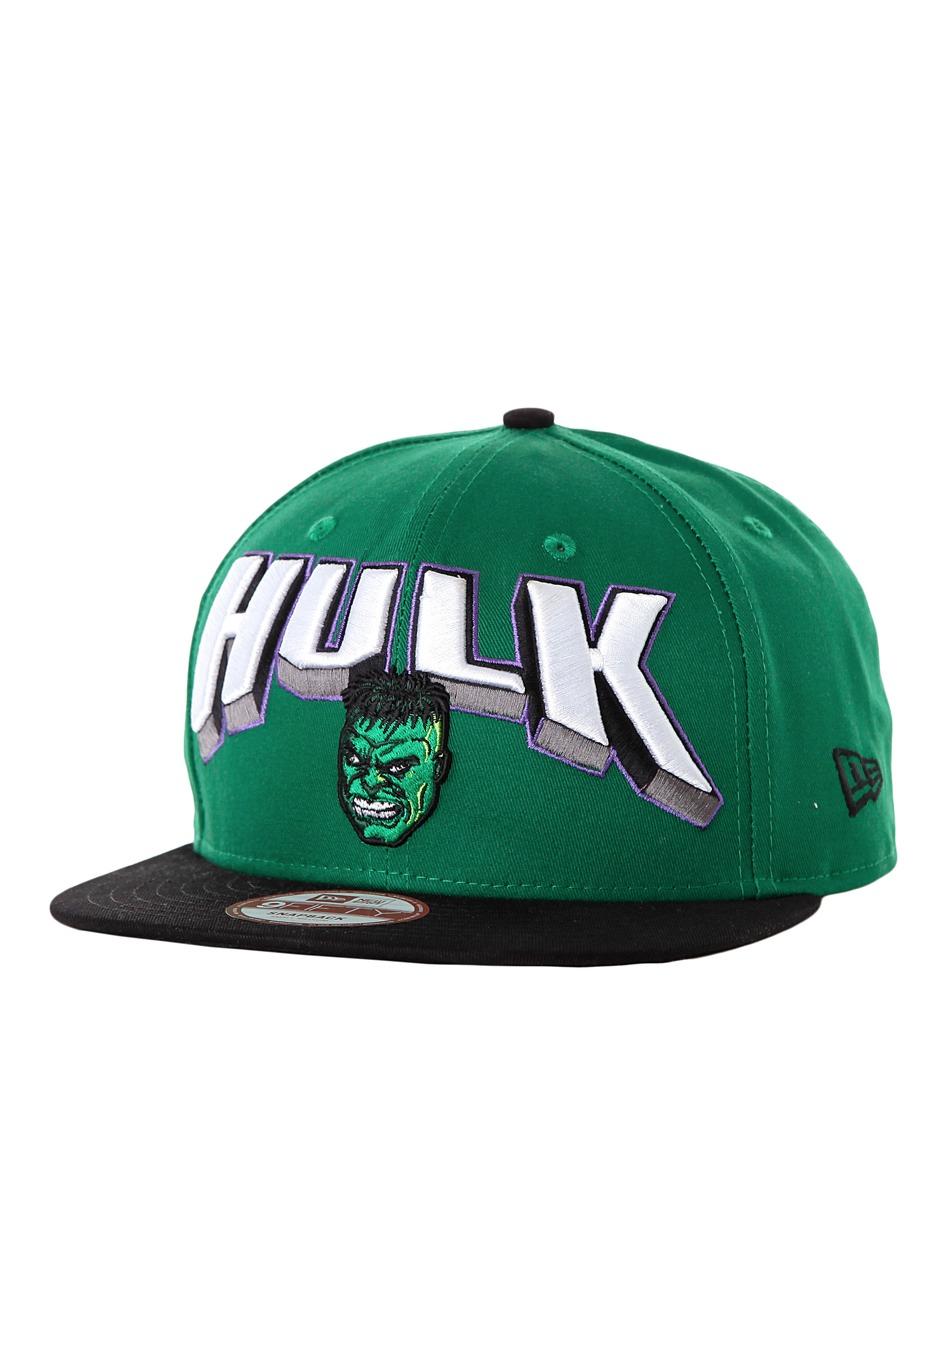 99a46fc59de New Era - Hero Block Hulk Green Black Snapback - Cap - Impericon.com US